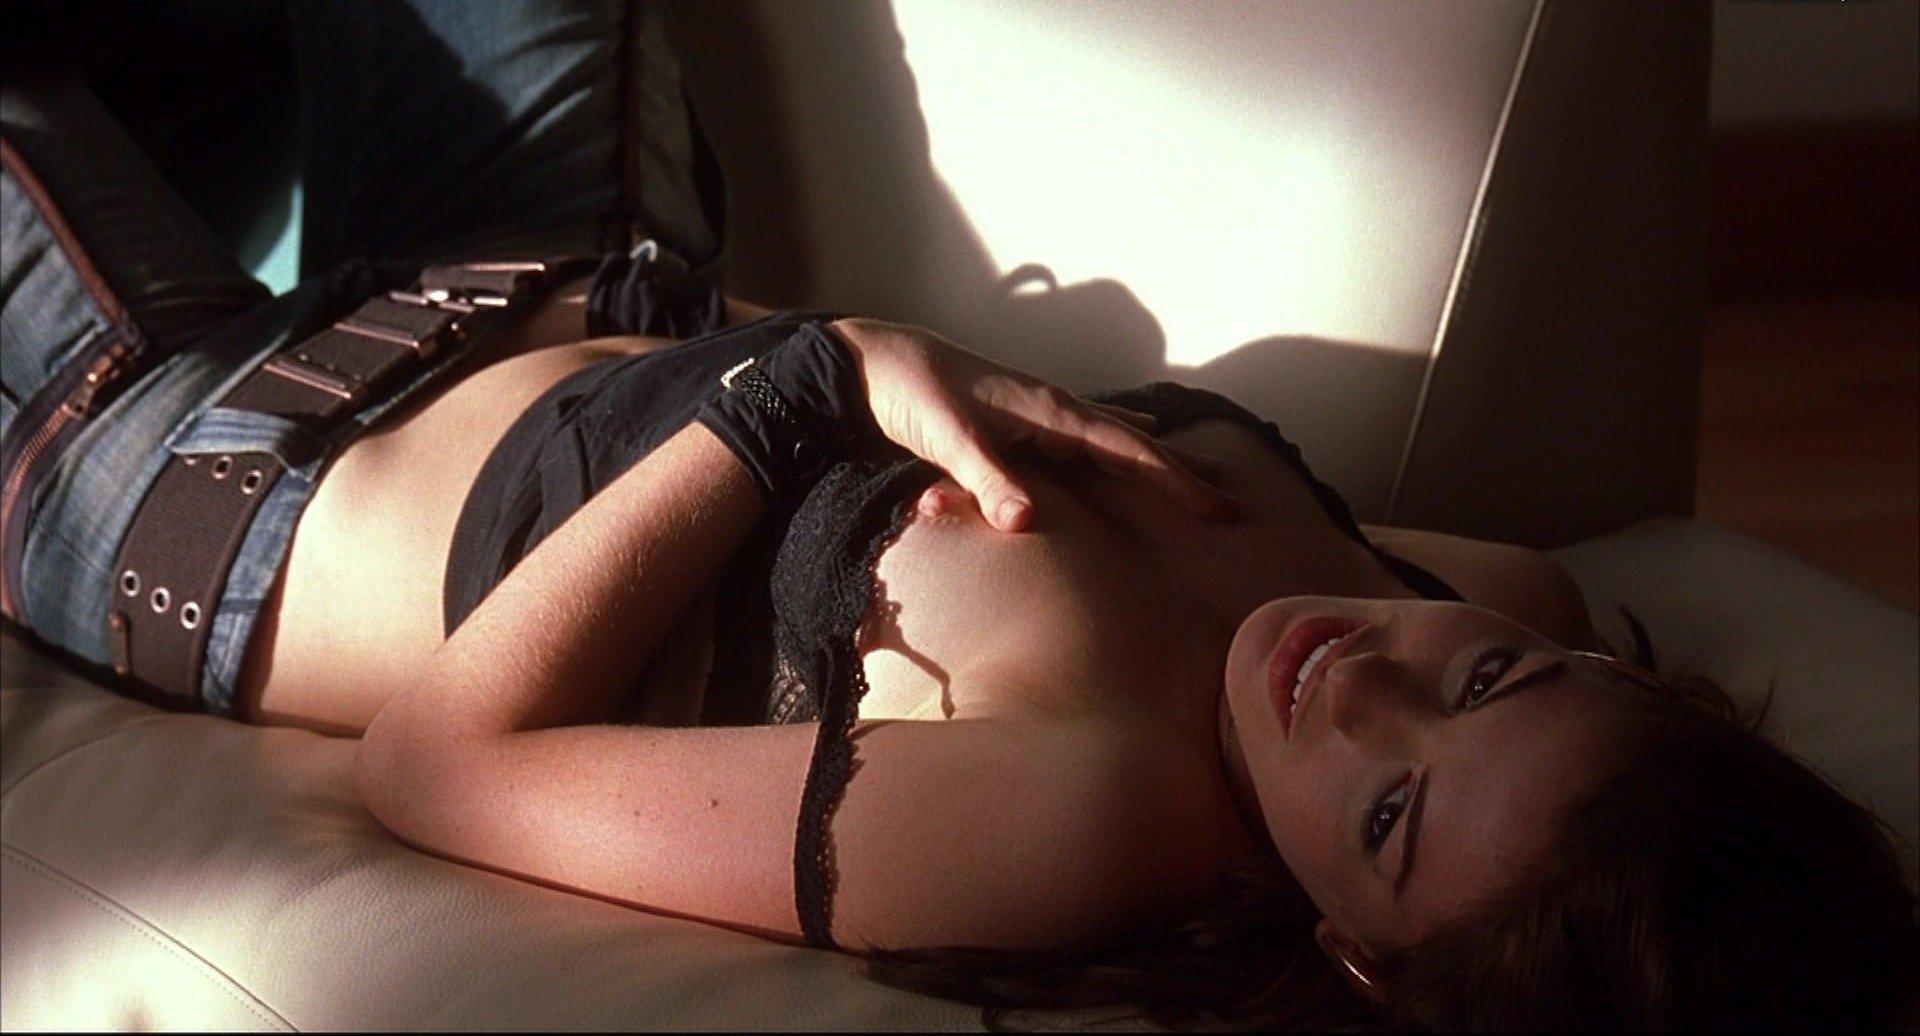 Anne hathaway nude havoc - 3 part 7